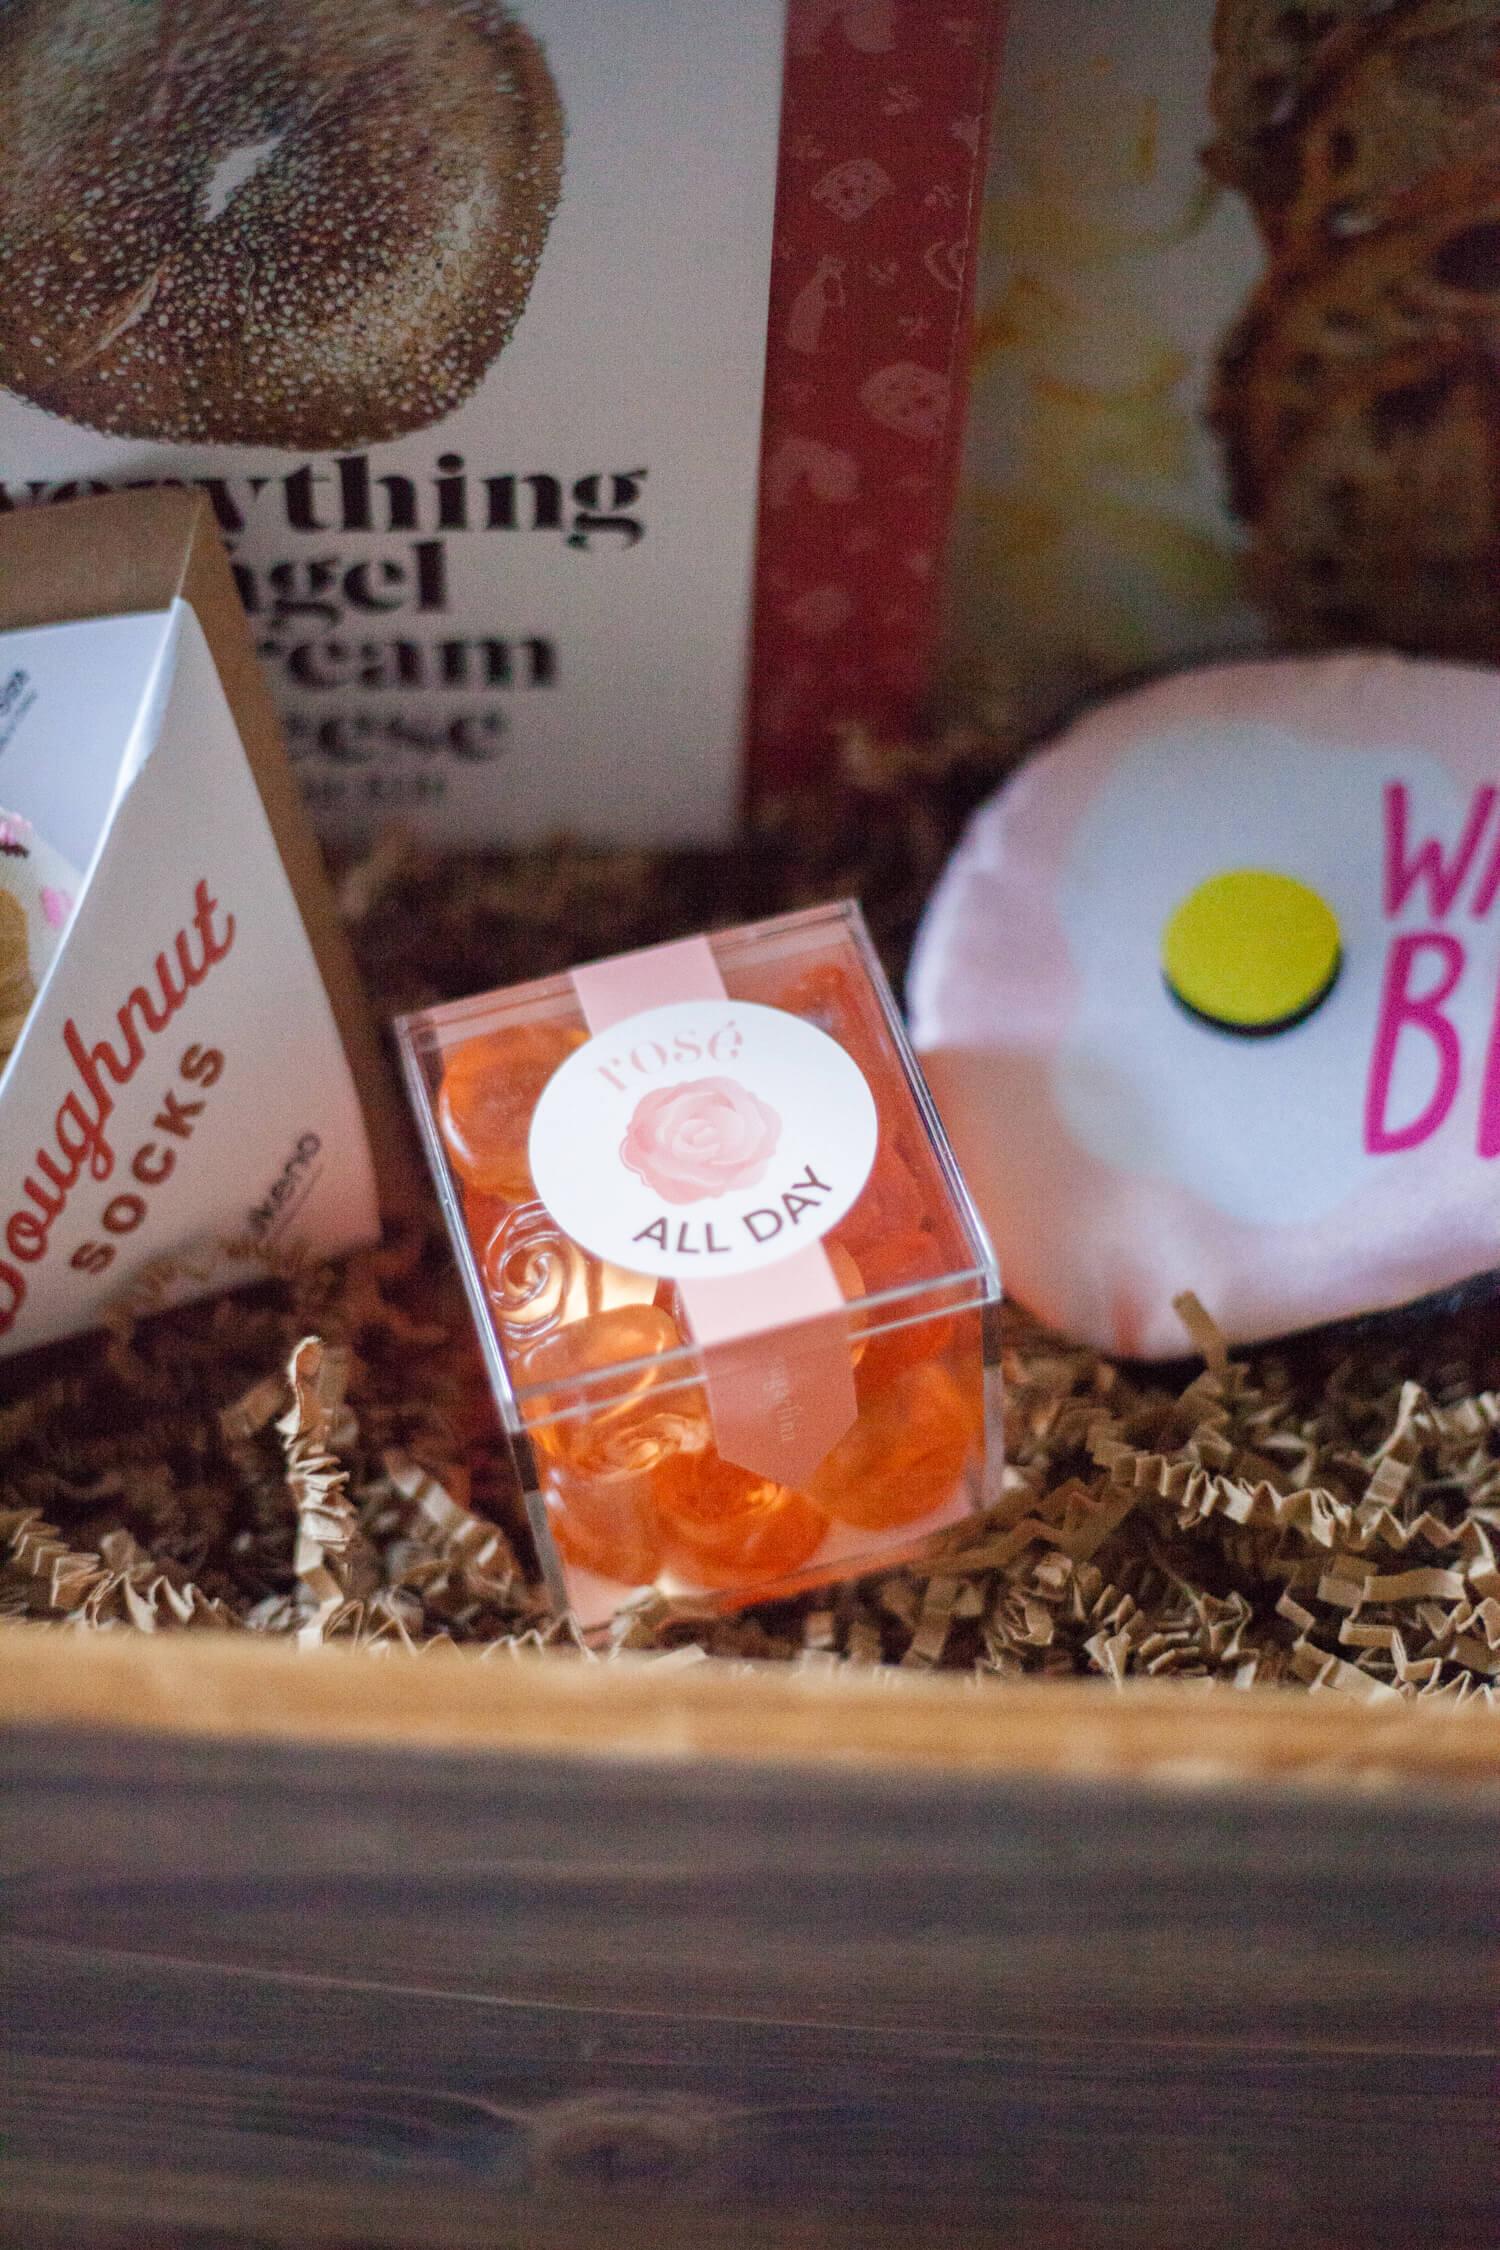 Brunch-themed adult gift basket idea